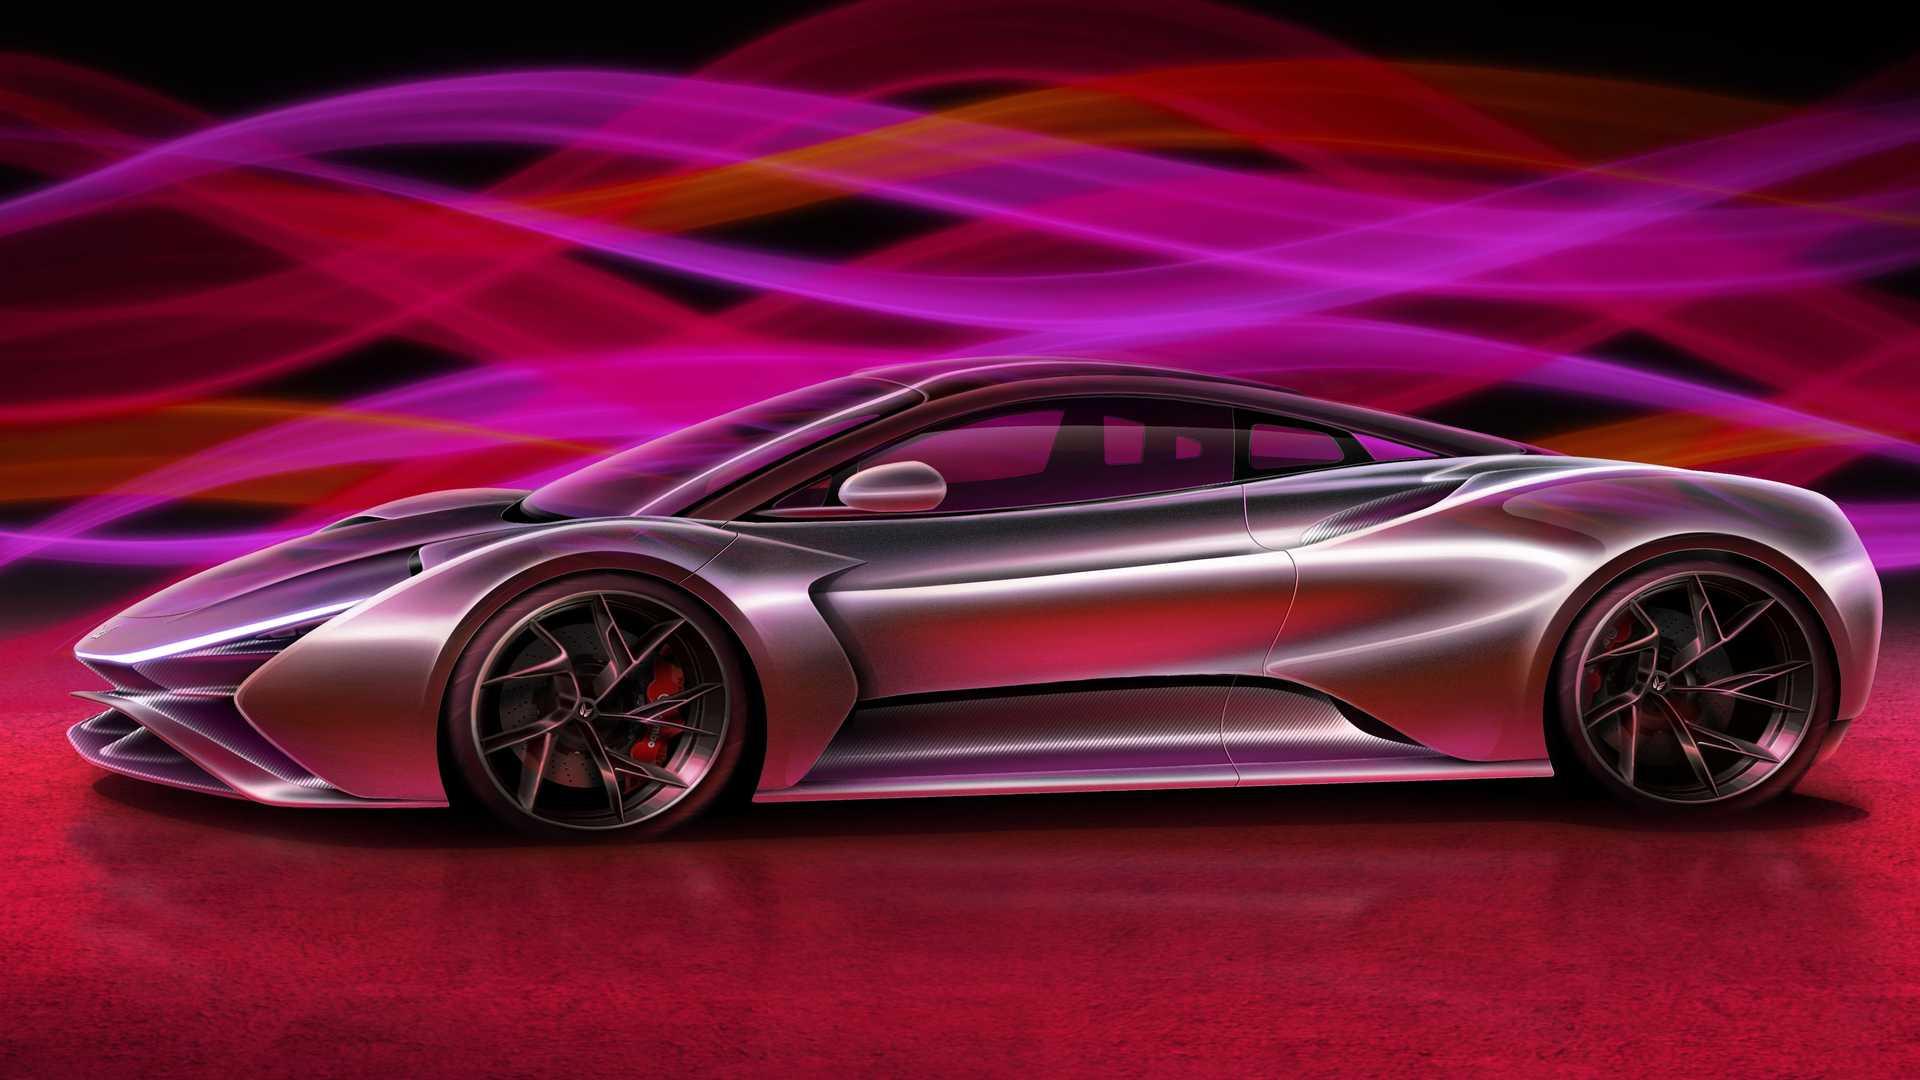 Молодая немецкая компания Elektron Motors анонсировала новую модель – гиперкар Truva (с турецкого переводится как Троя»).